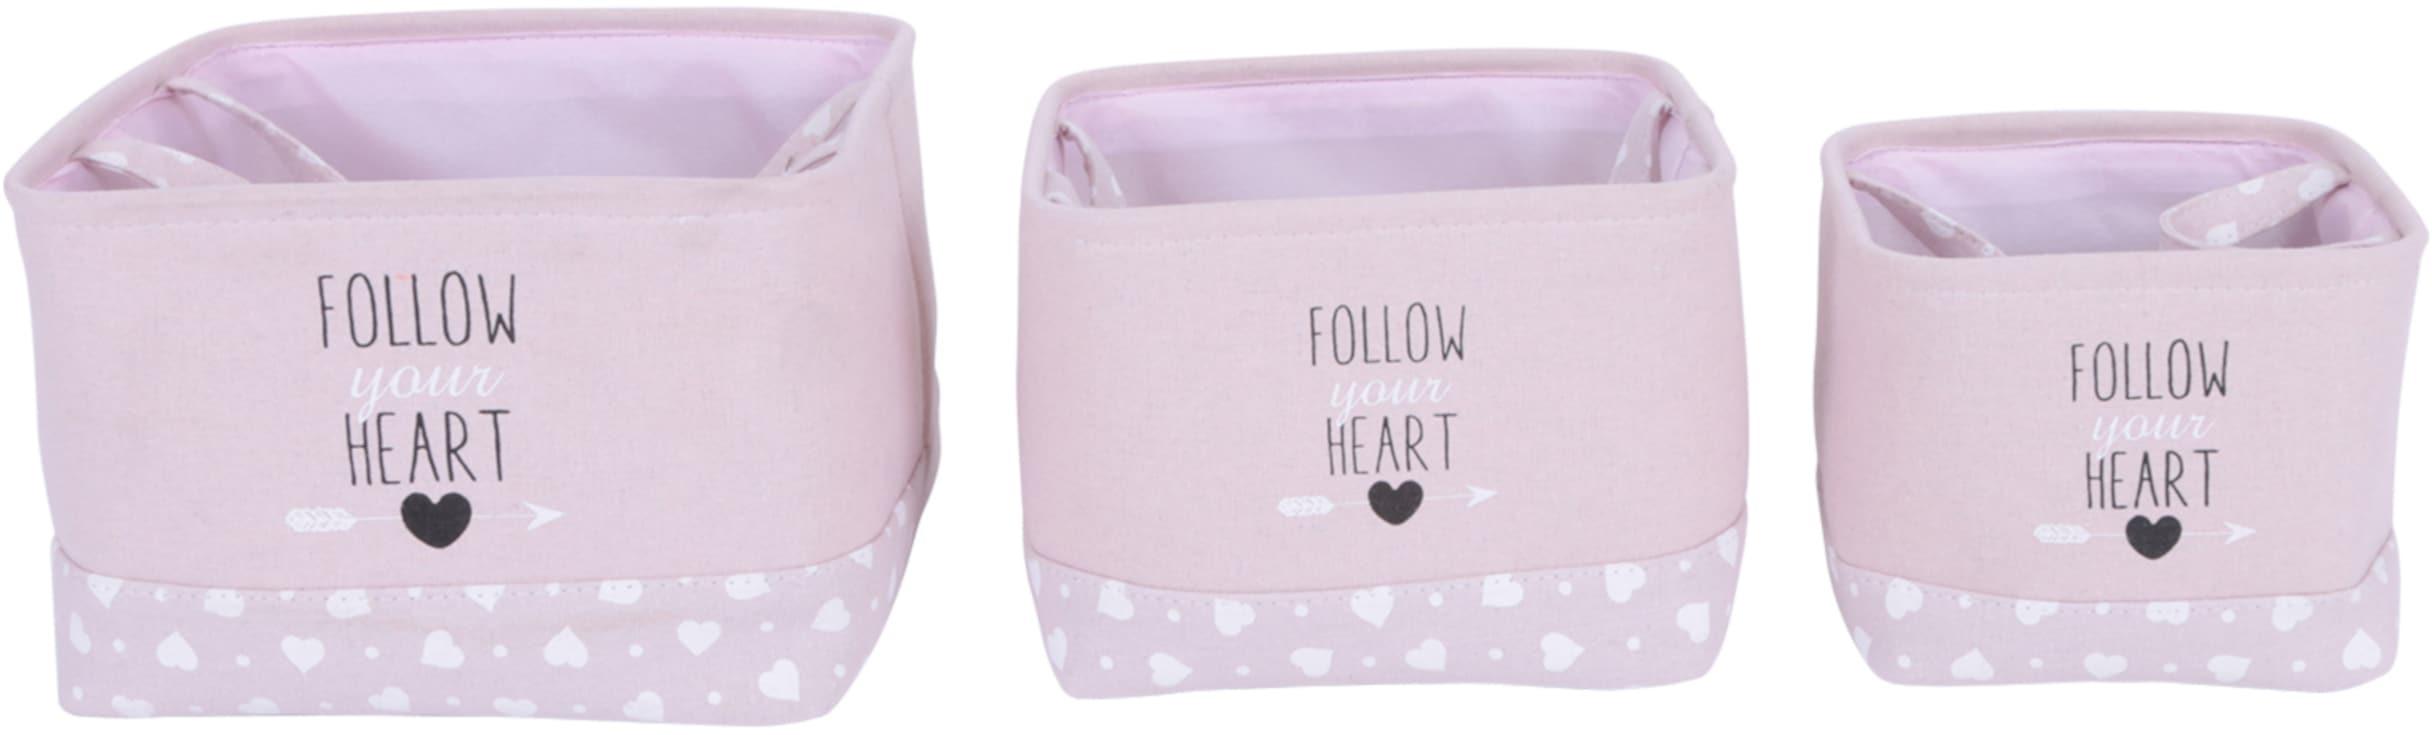 Franz Müller Flechtwaren Aufbewahrungsbox Follow your Heart, (Set, 3 St.), quadratisch rosa Kleideraufbewahrung Aufbewahrung Ordnung Wohnaccessoires